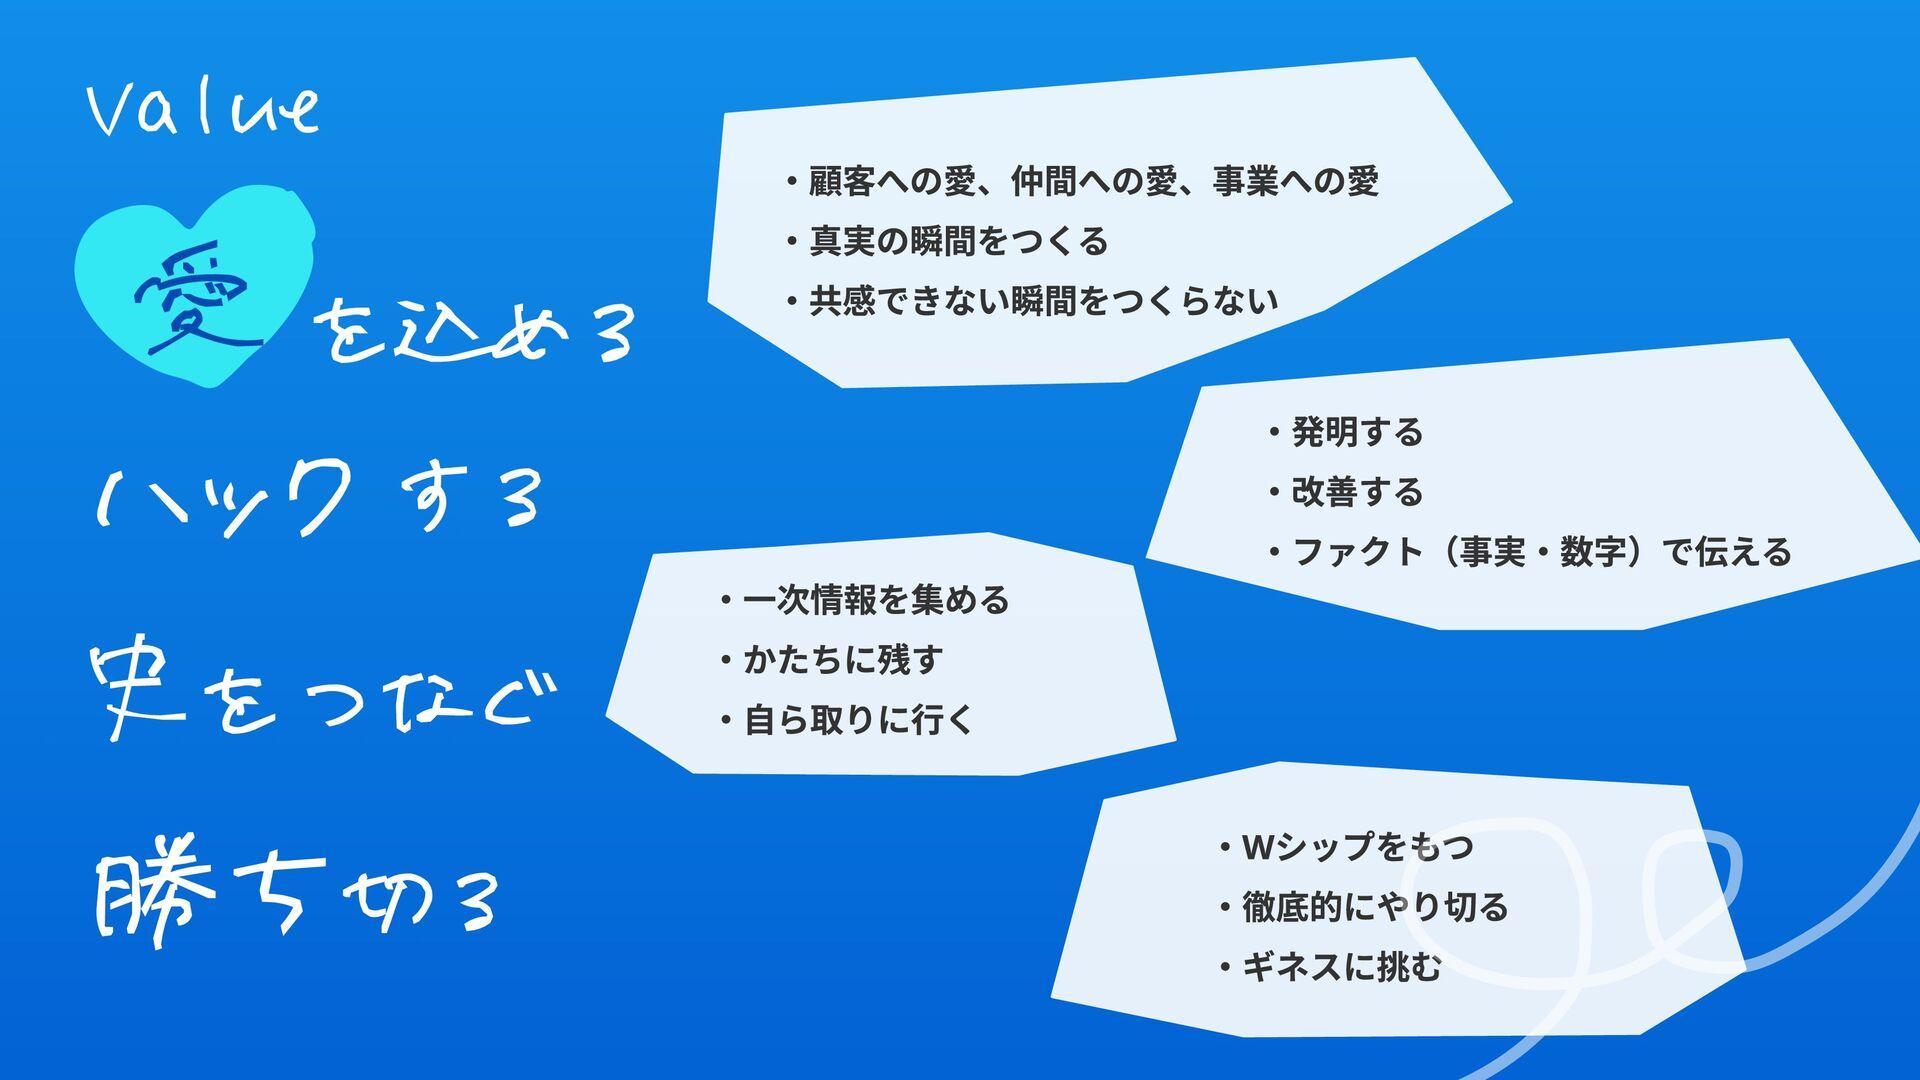 Culture Deck - バリュー/習慣 MVRの定義・役割の例 MVRの定義 MVRの役...